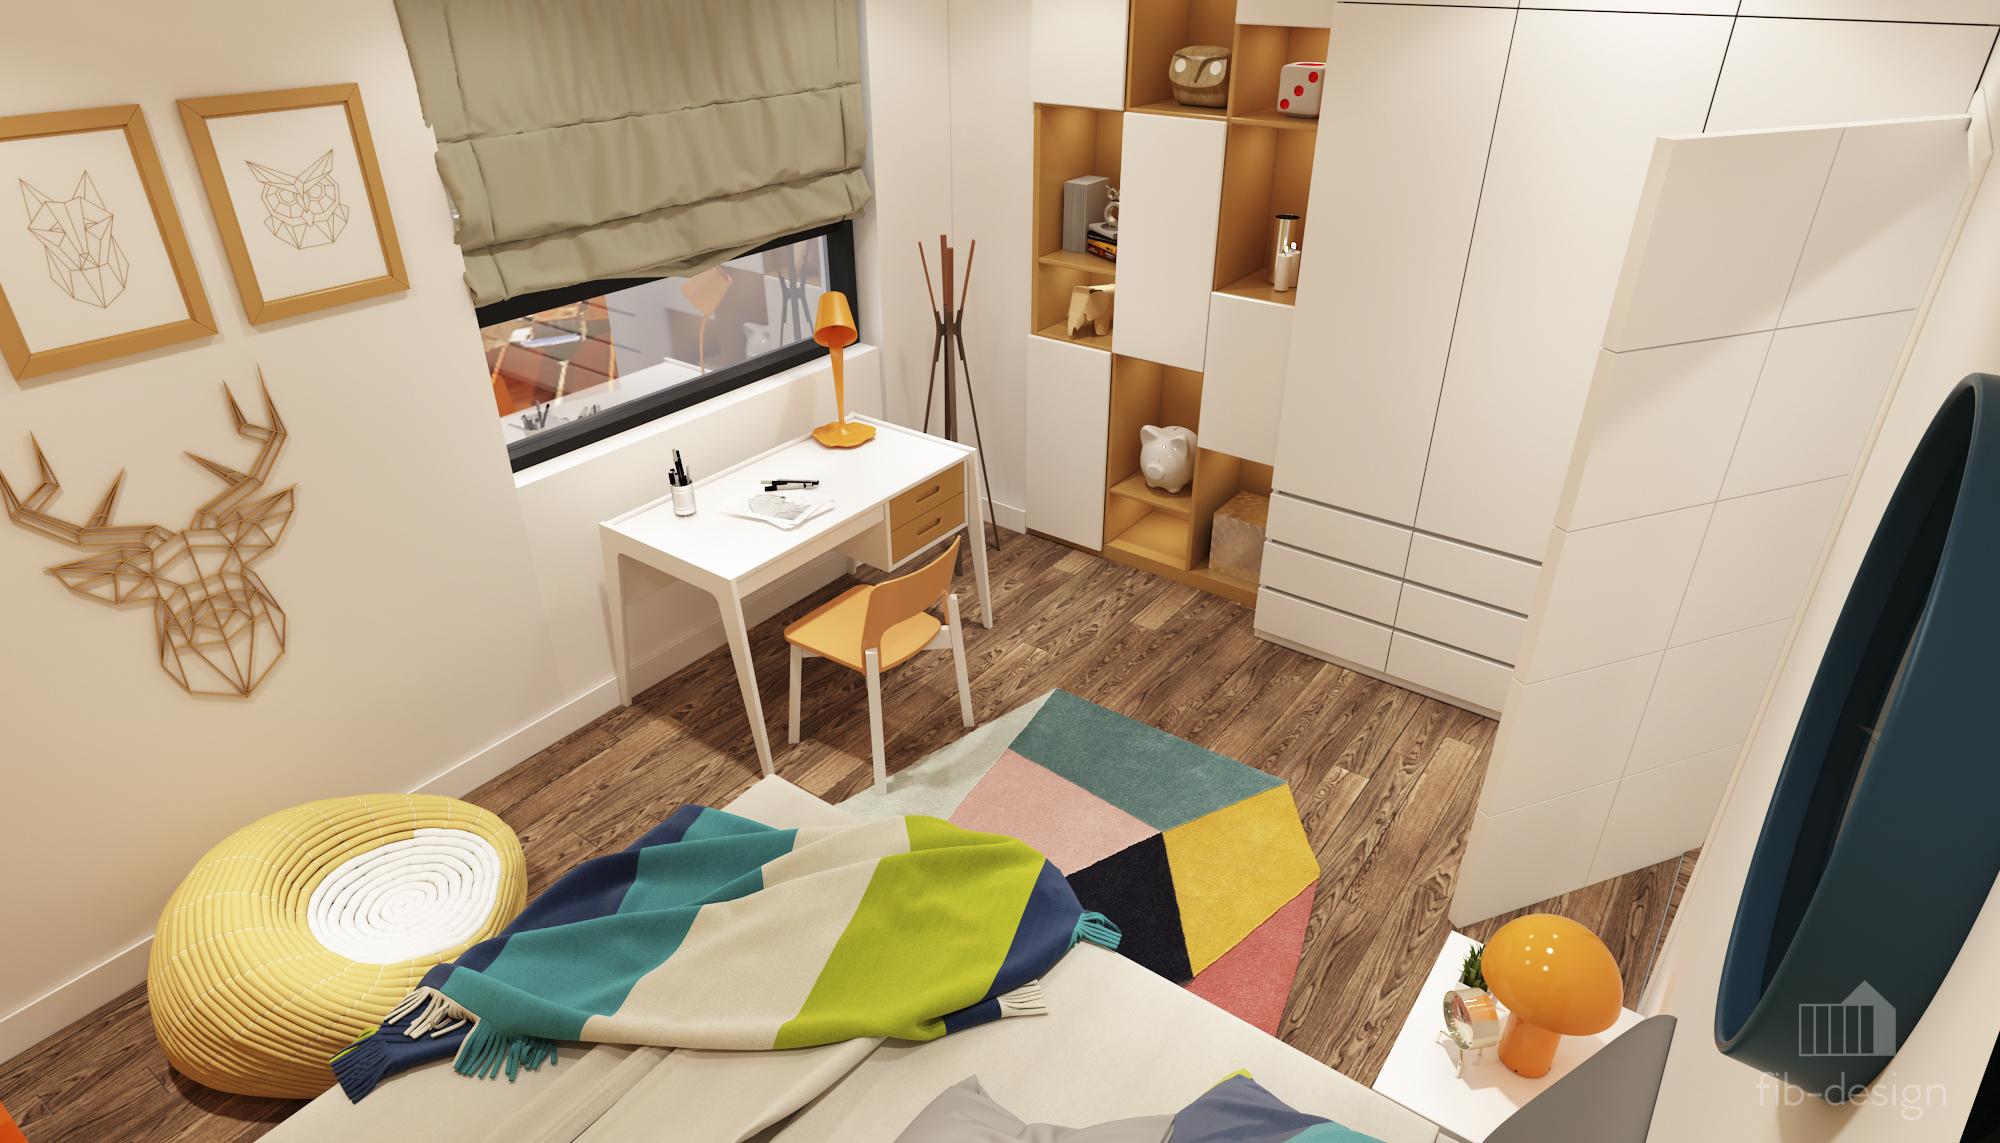 thiết kế nội thất chung cư tại Hà Nội P714 Chung cư GOLDSiLK 16 1544083445